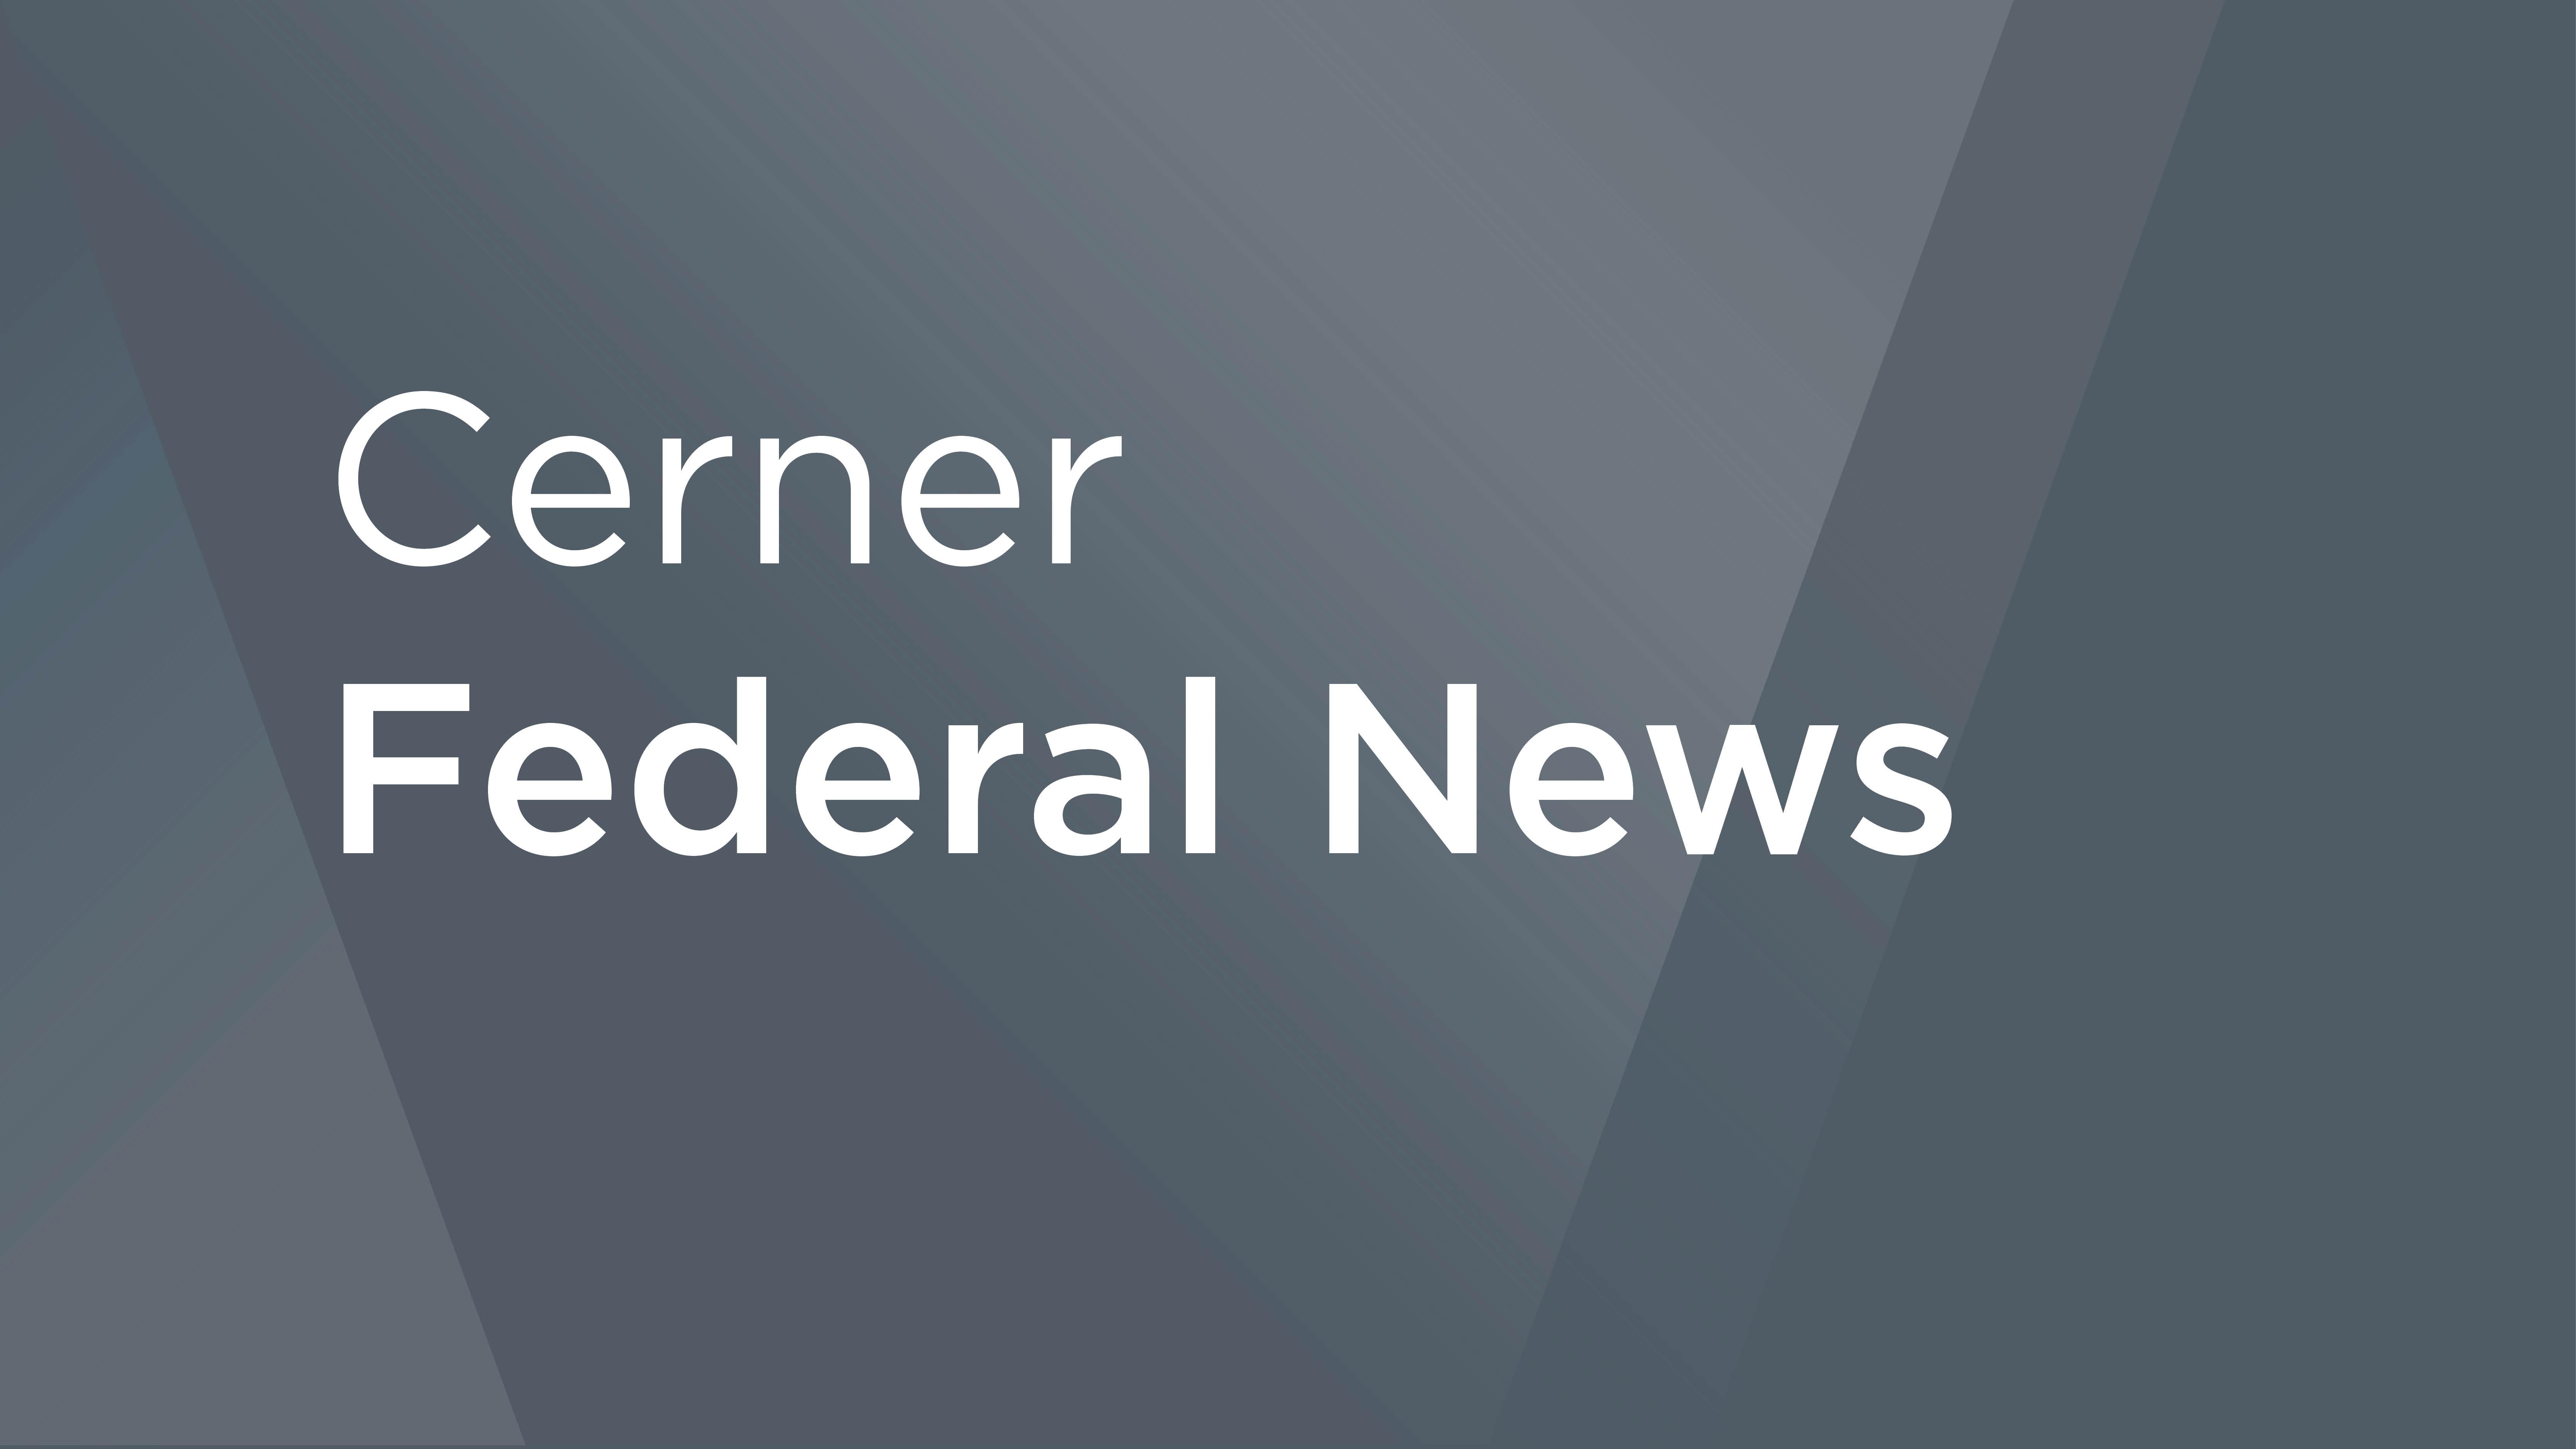 Cerner federal news